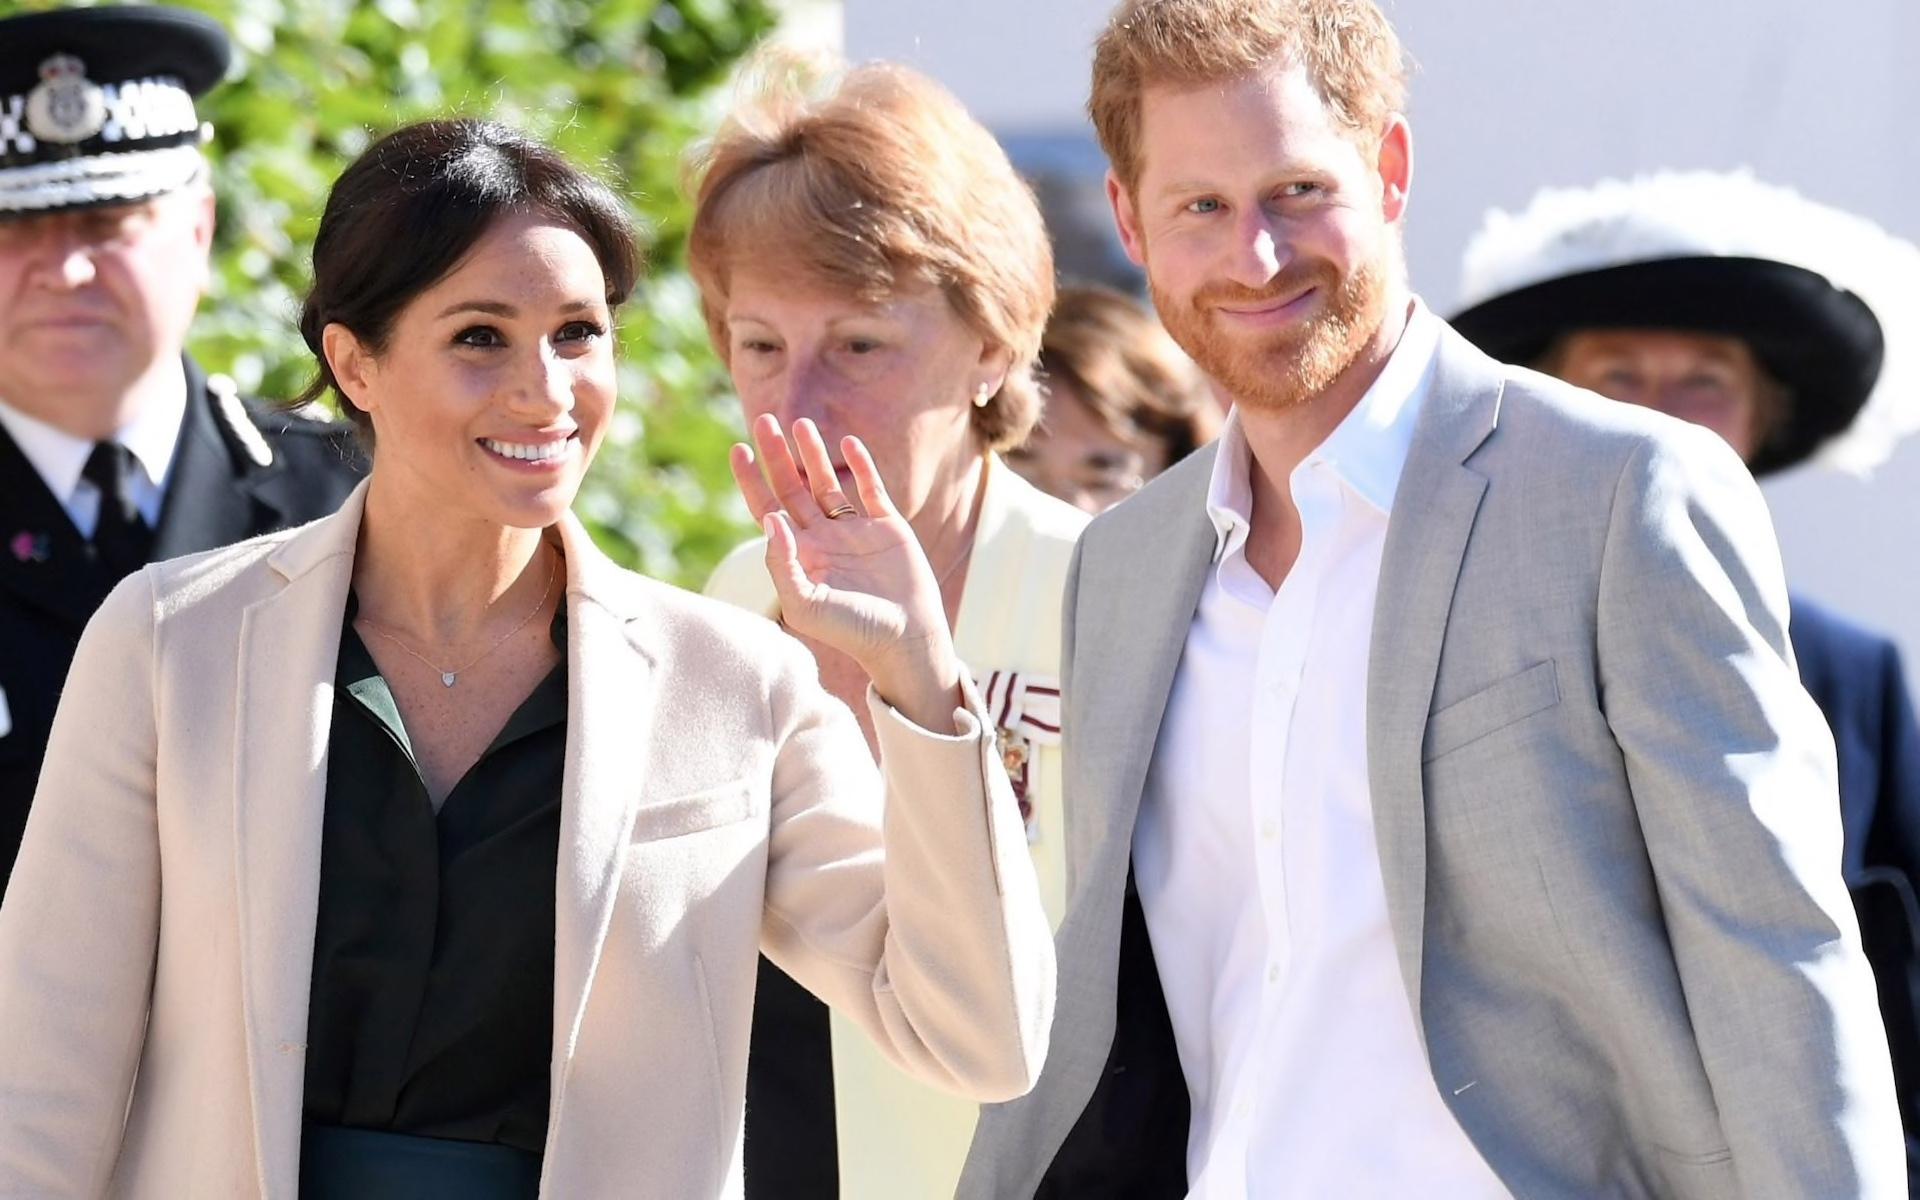 ハリー王子とメーガン妃の訪問_f0380234_20480670.jpg